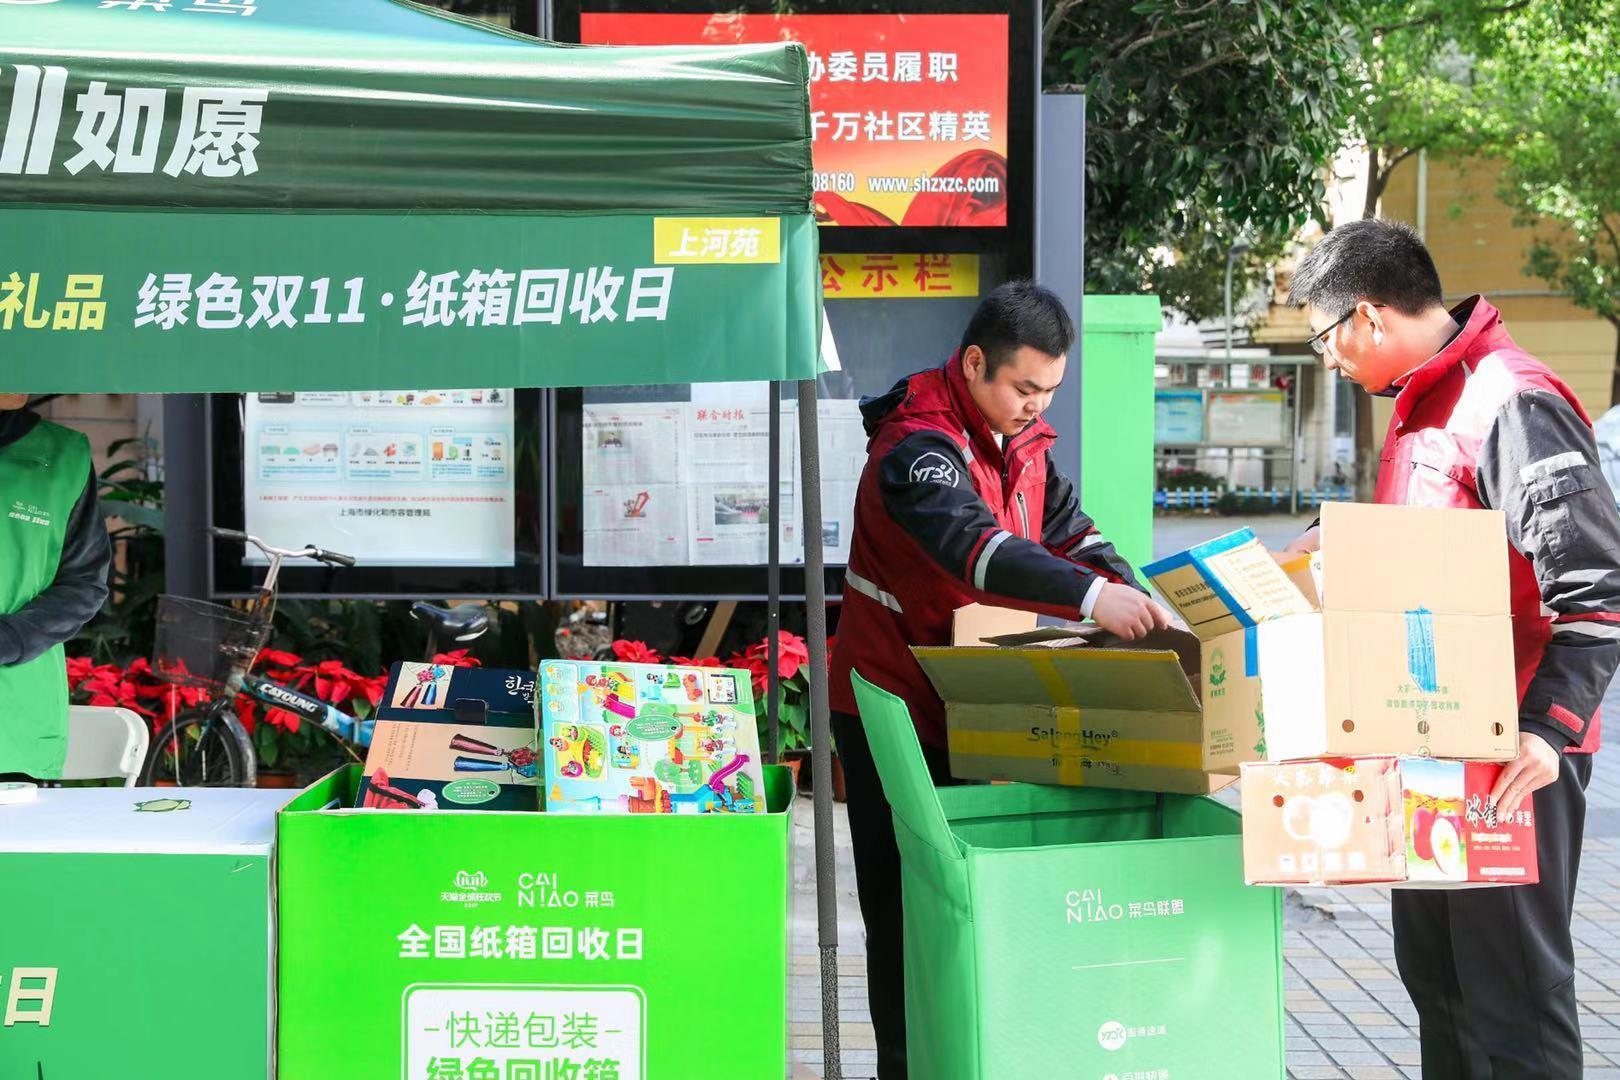 """快递箱循环利用更环保 菜鸟发起""""全国纸箱回收日"""""""